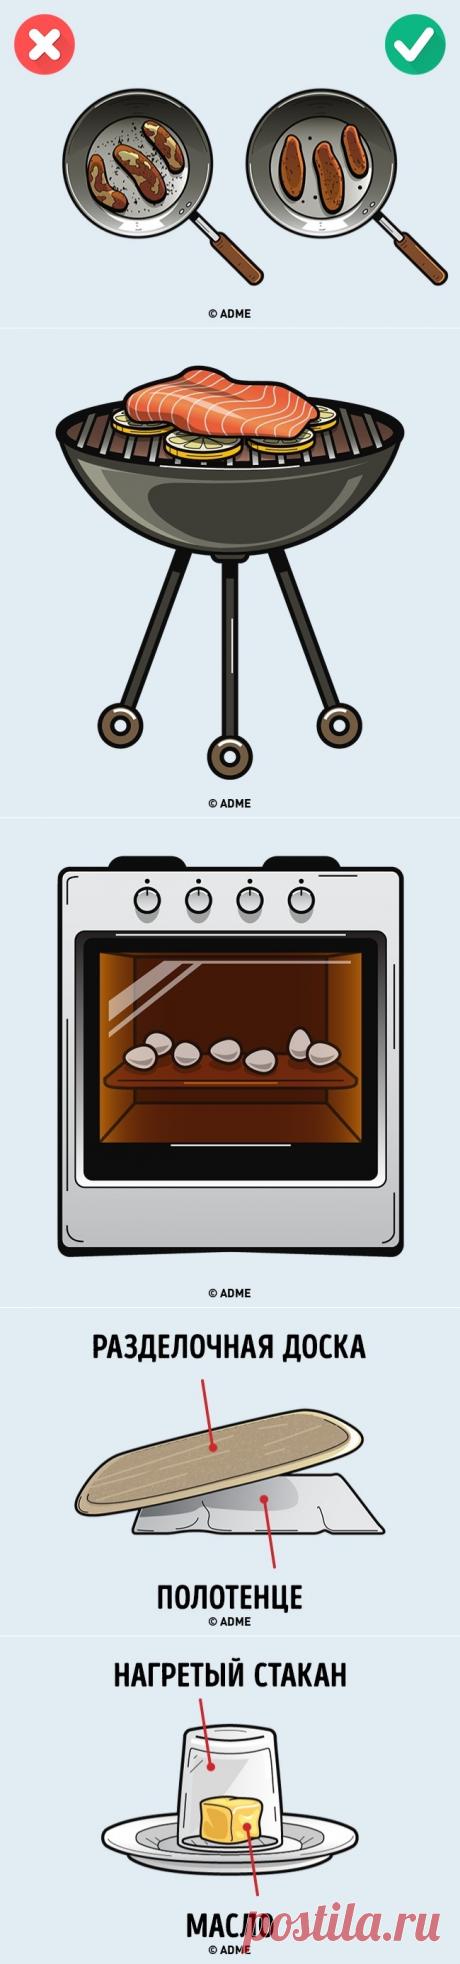 Preparas a veces por la misma receta, así como el cocinero del restaurante, pero a él me resulta por alguna razón el filete, y la suela...